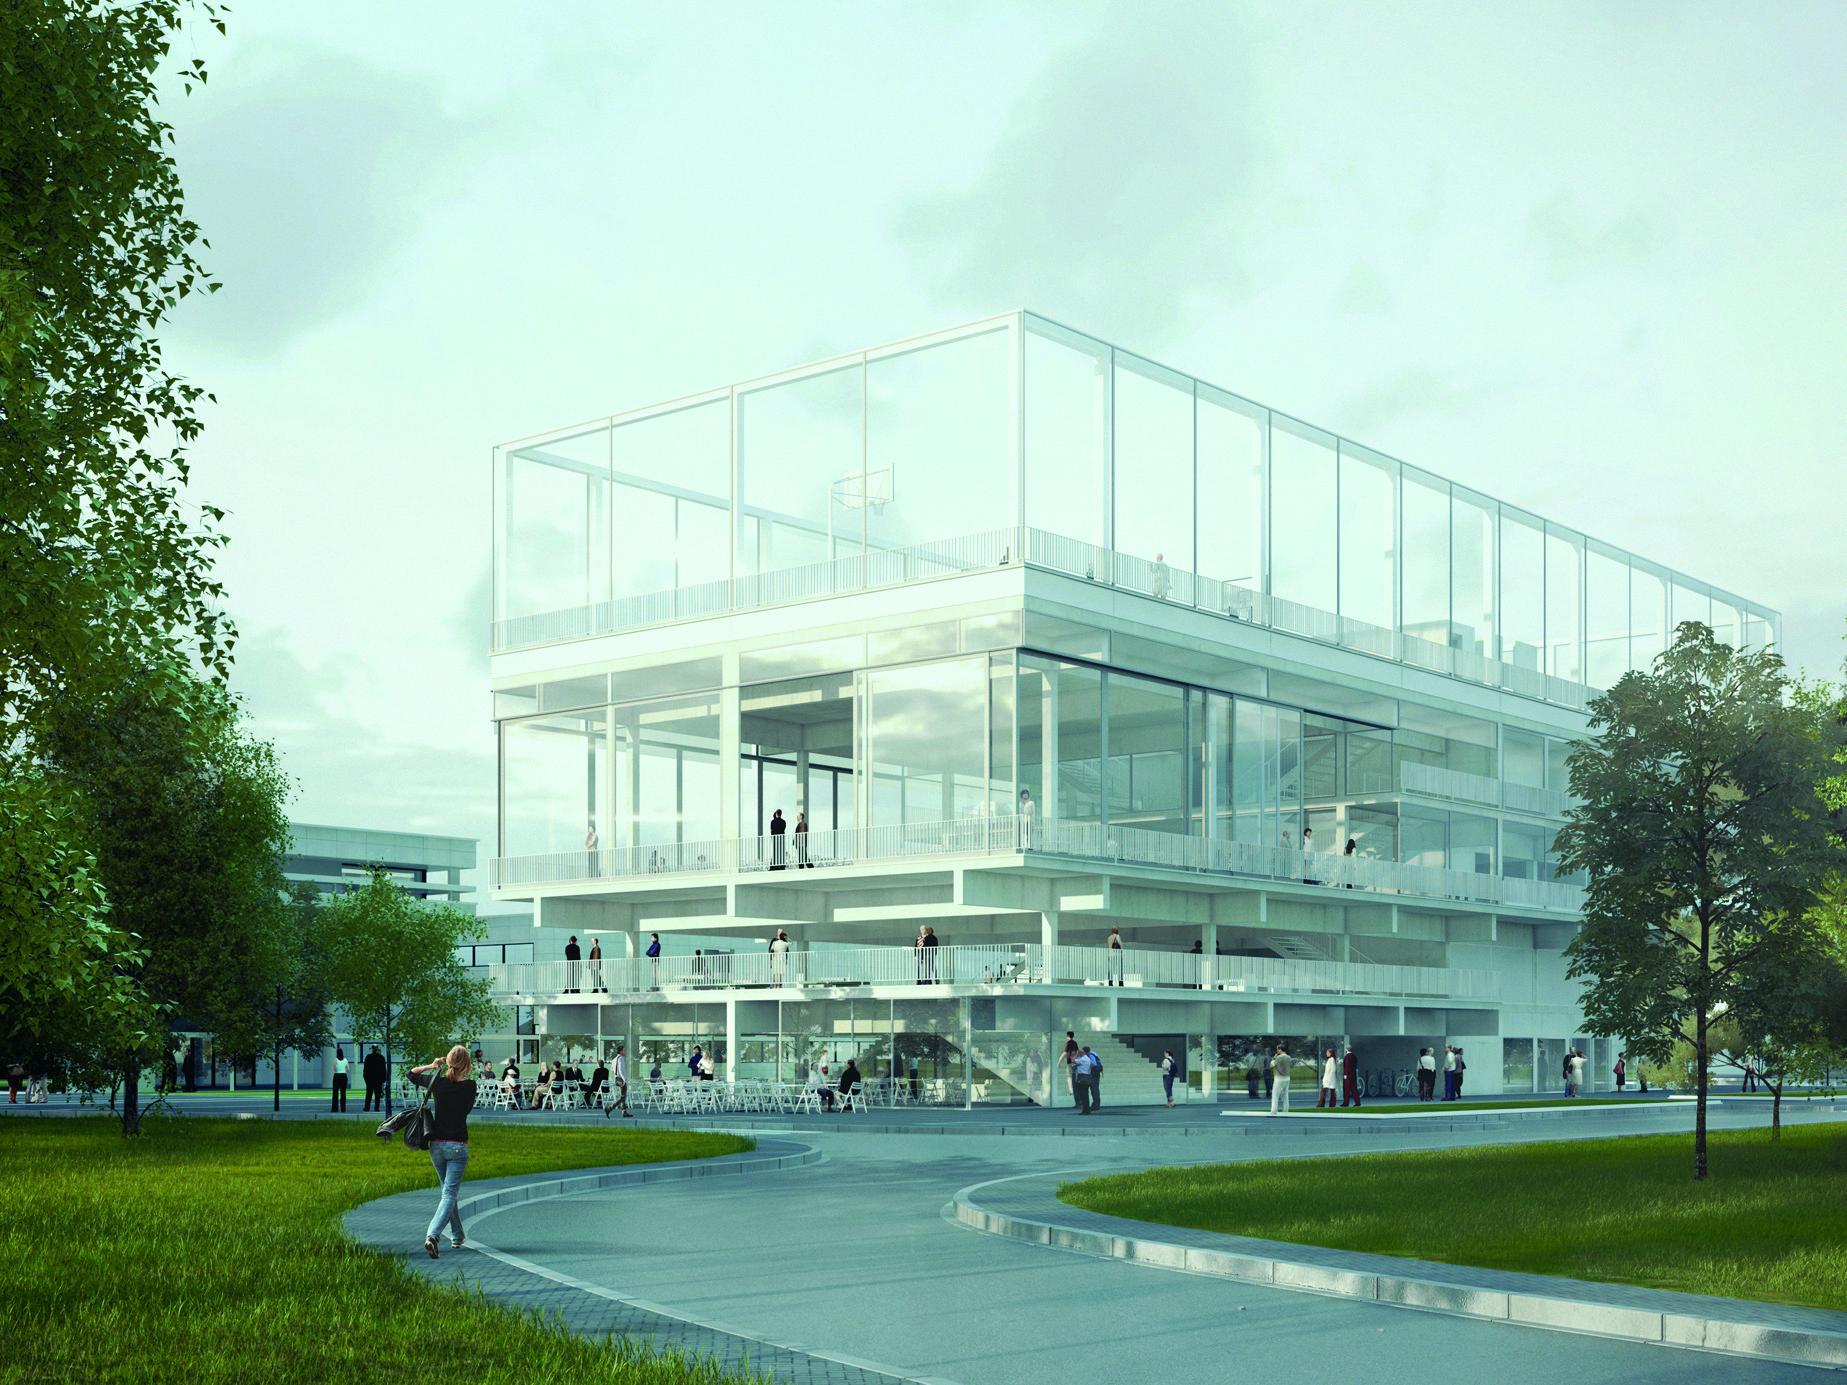 Public Condenser. Imagen Cortesía de Muoto Architects